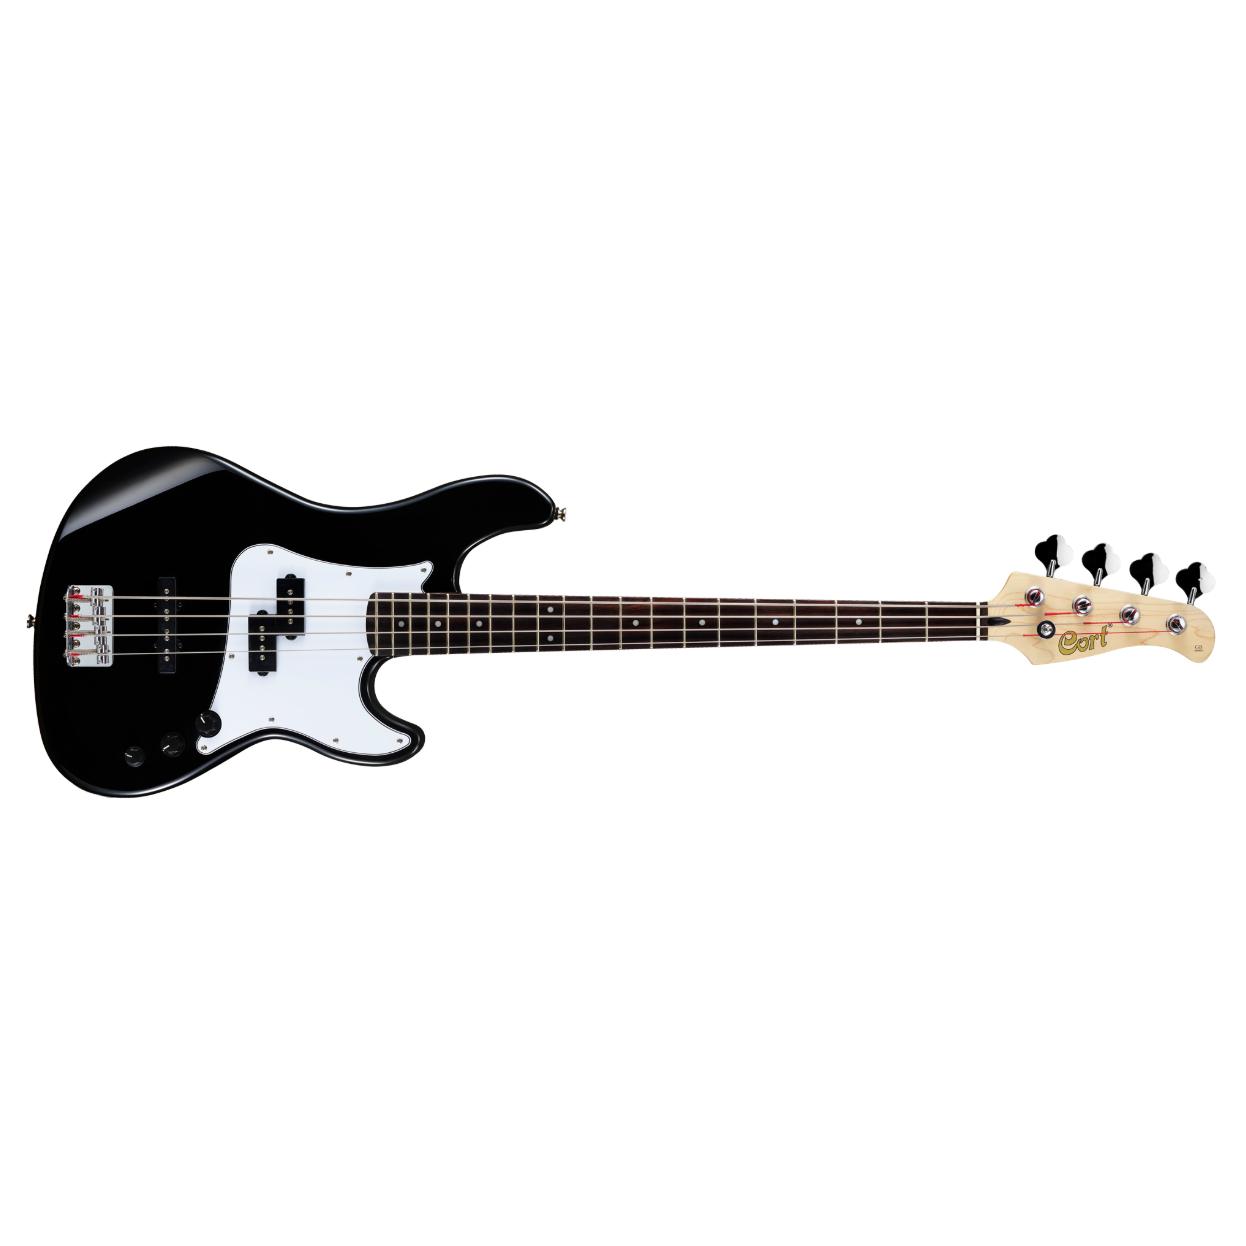 콜트 일렉트릭 베이스 기타, GB14PJ, Black